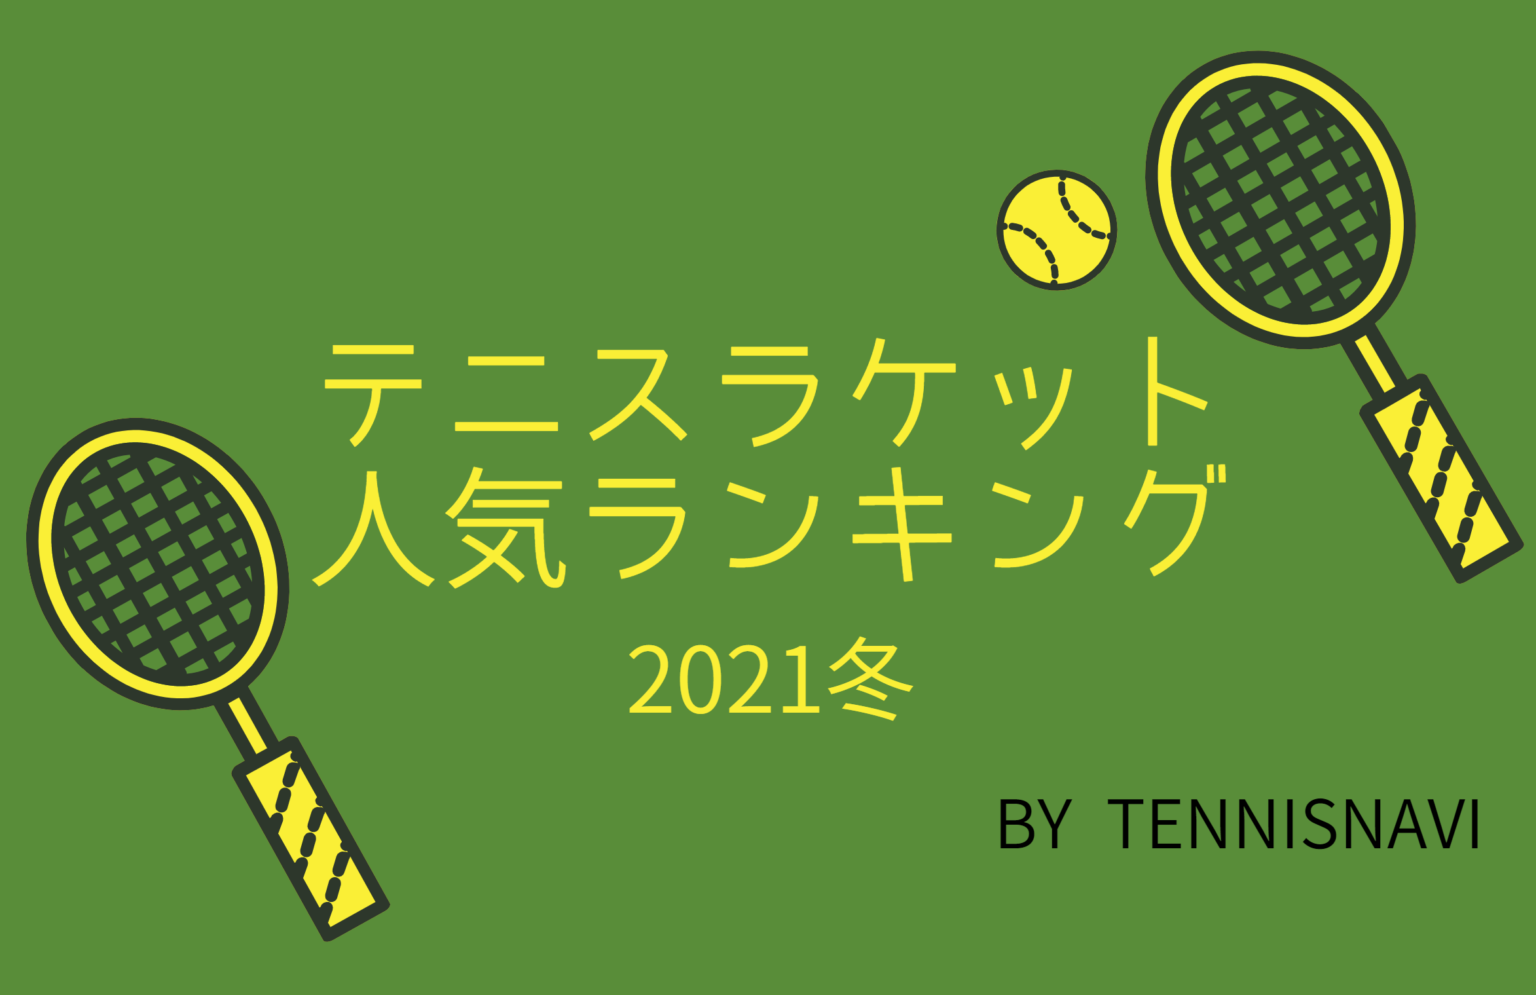 【2021年冬】テニスラケット最新人気ランキング!